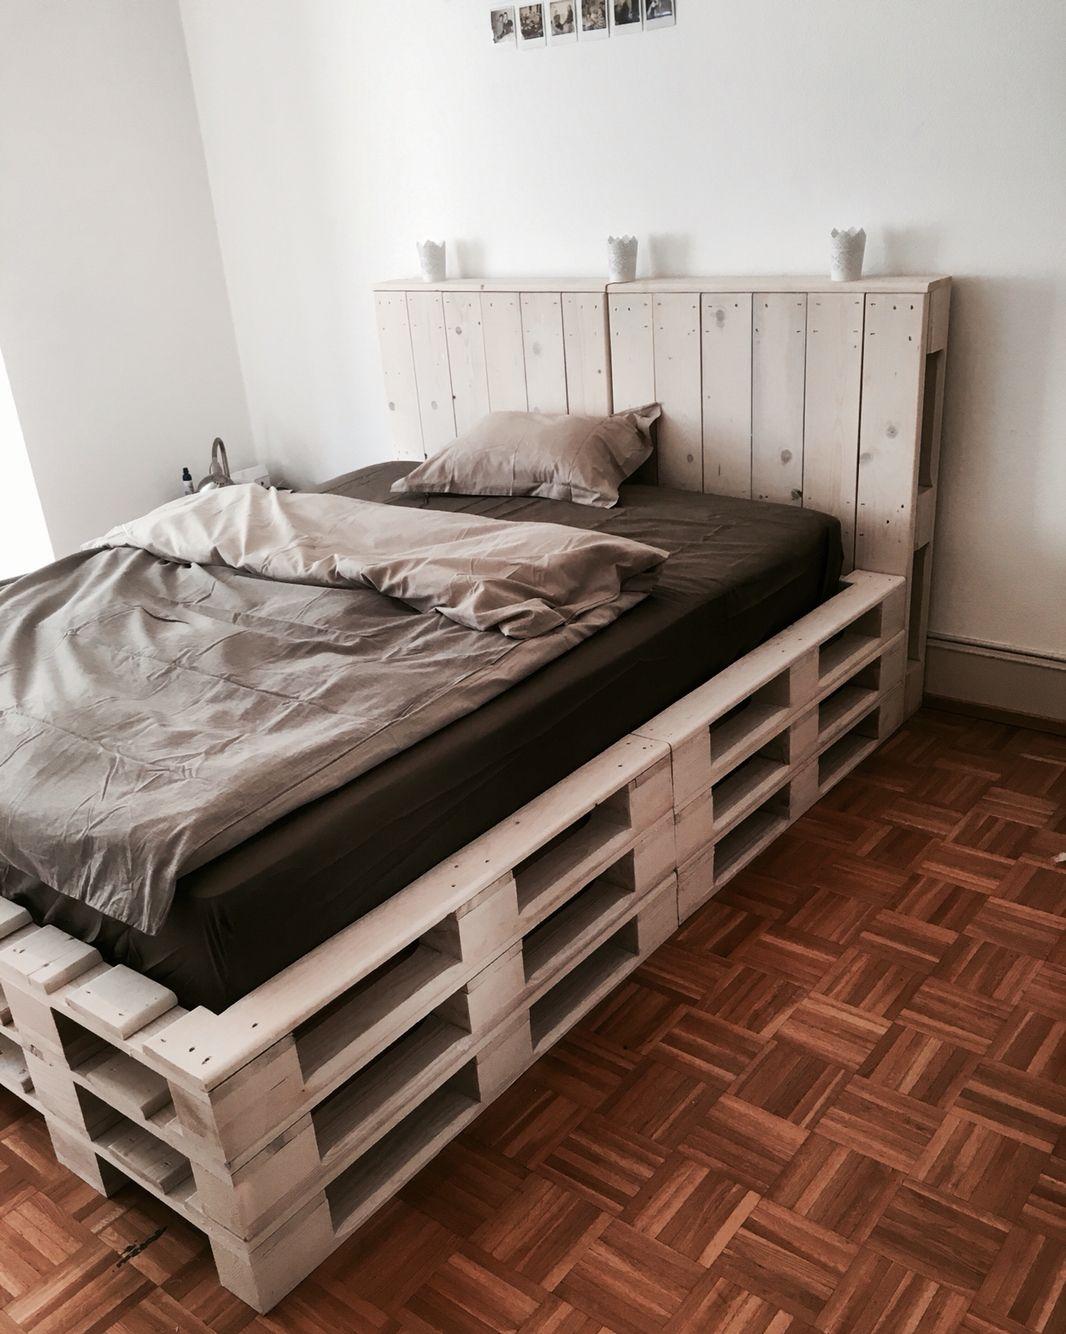 selfmade pallet bed selfmade pinterest. Black Bedroom Furniture Sets. Home Design Ideas